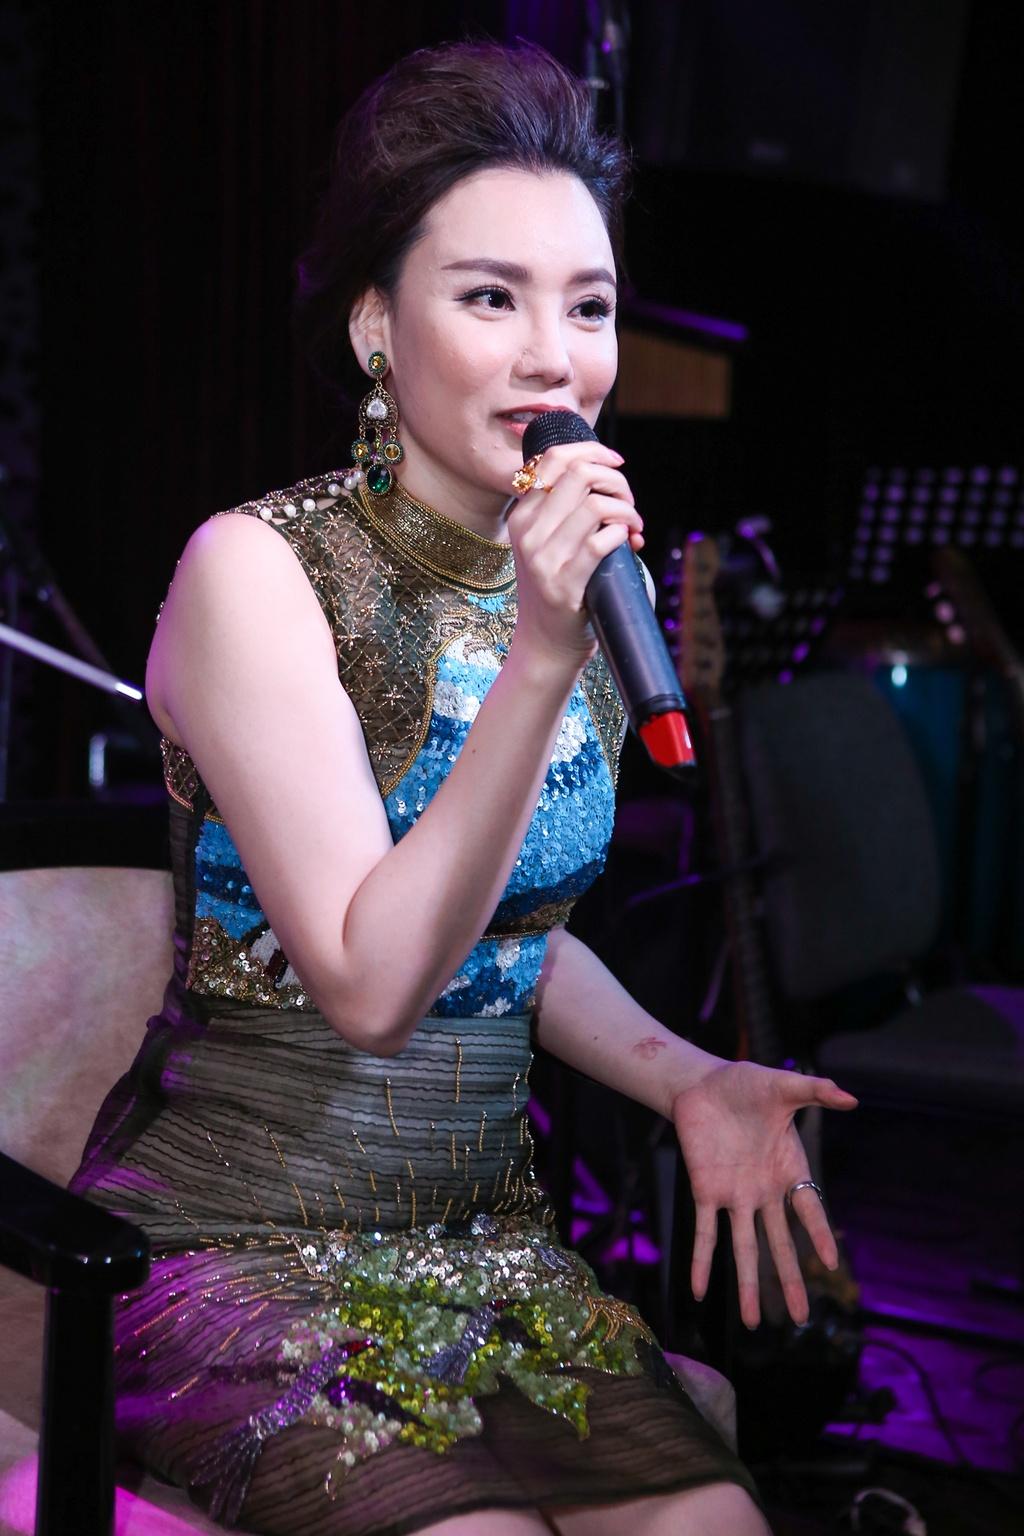 Ho Quynh Huong lo so bi loi thoi sau 5 nam vang bong hinh anh 2